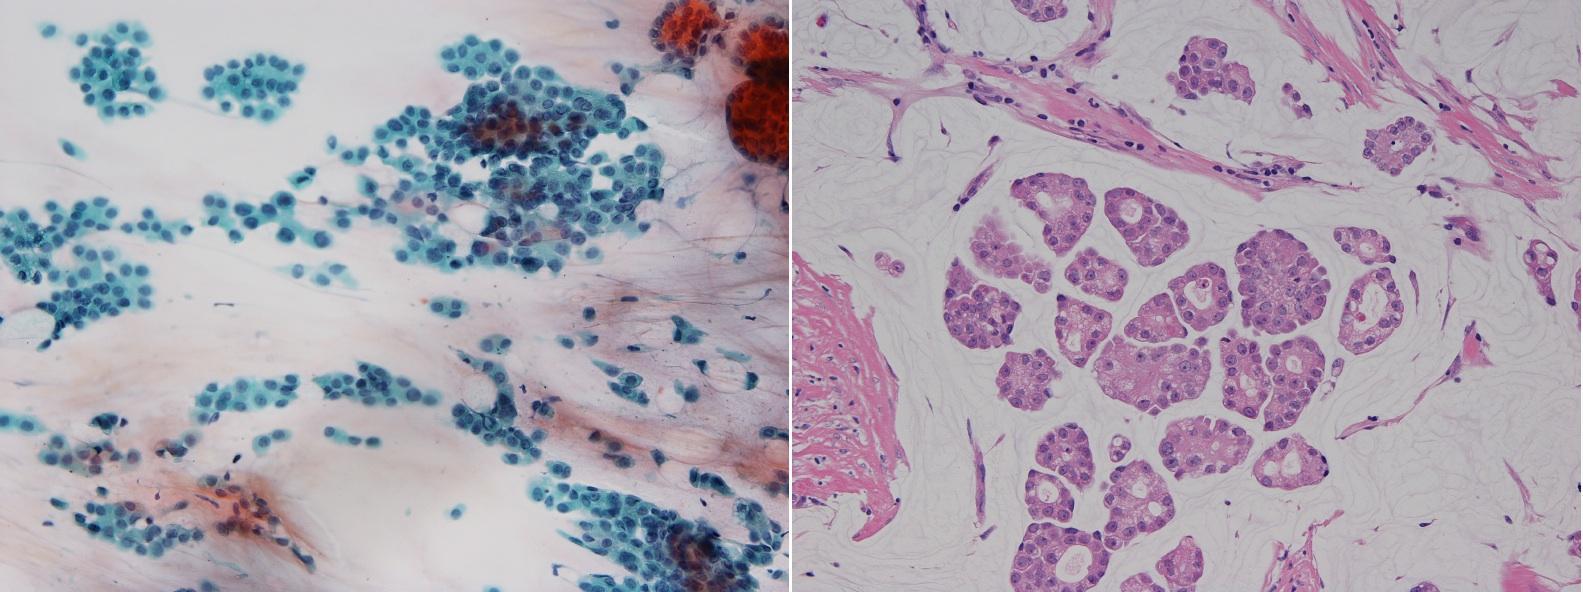 左図は細胞診標本 右図は針生検組織標本